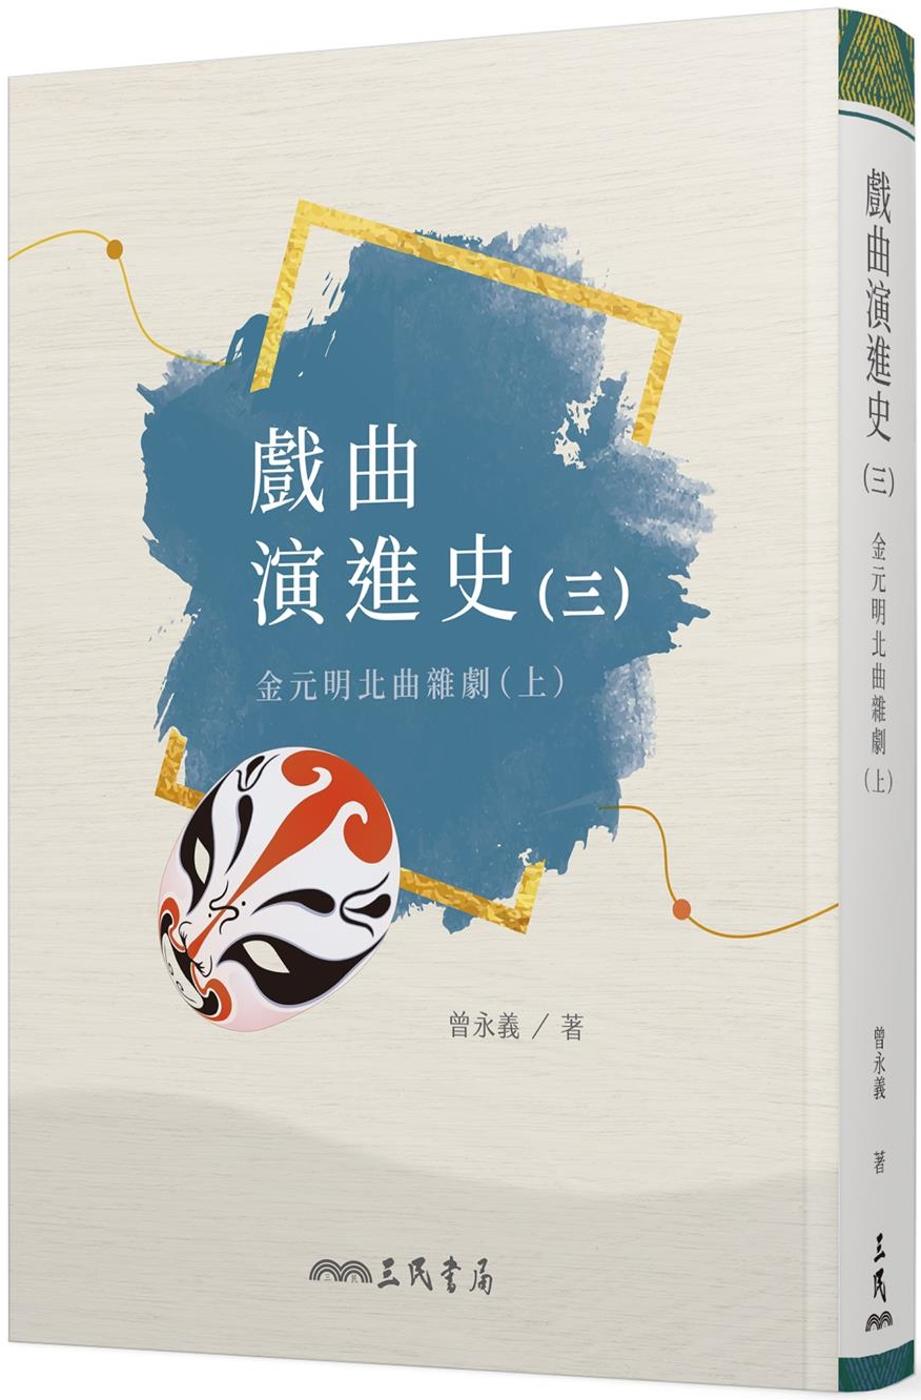 戲曲演進史(三)金元明北曲雜劇...